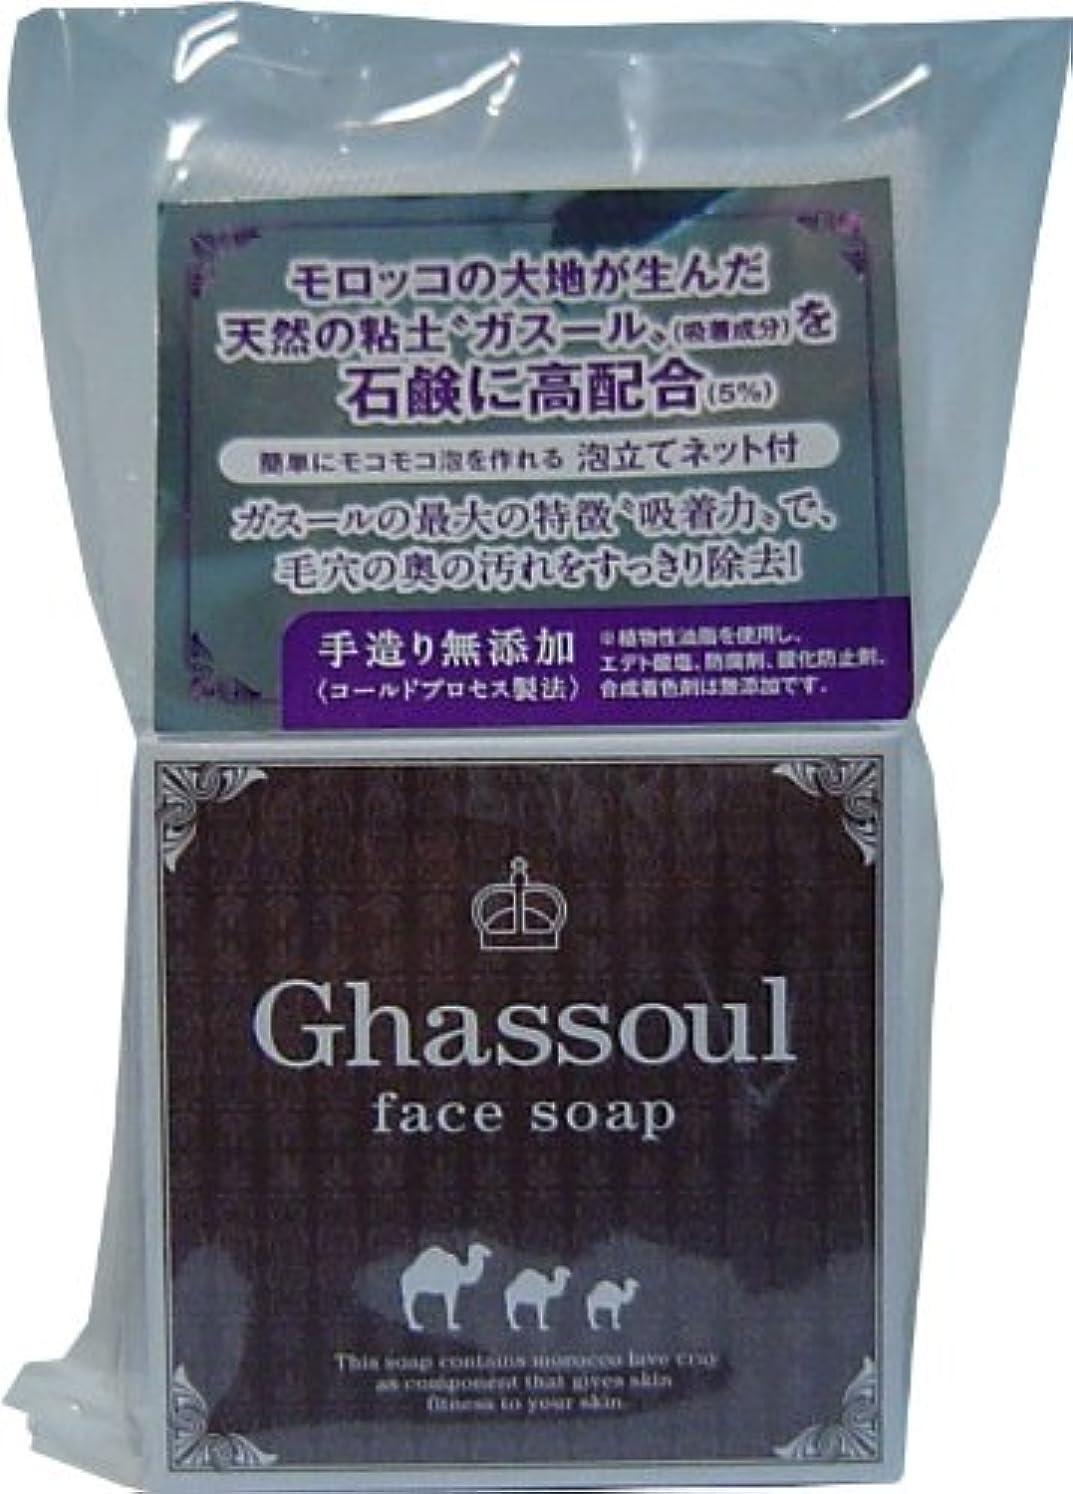 チャーム宣言インフレーションGhassoul face soap ガスールフェイスソープ 100g「4点セット」